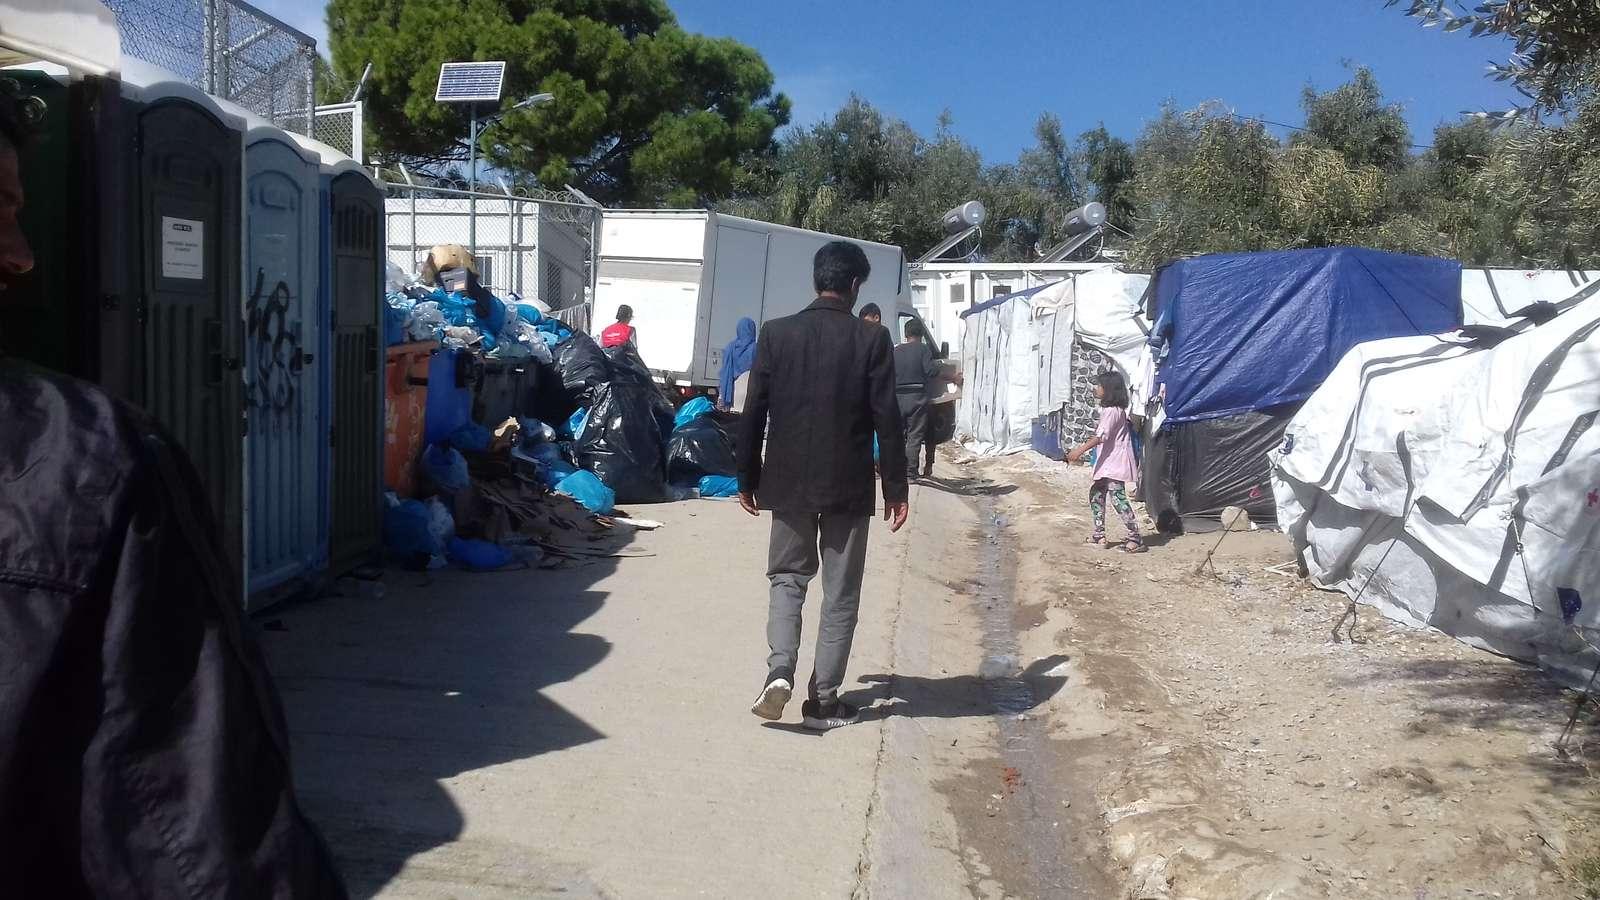 Man walking in Moira Camp